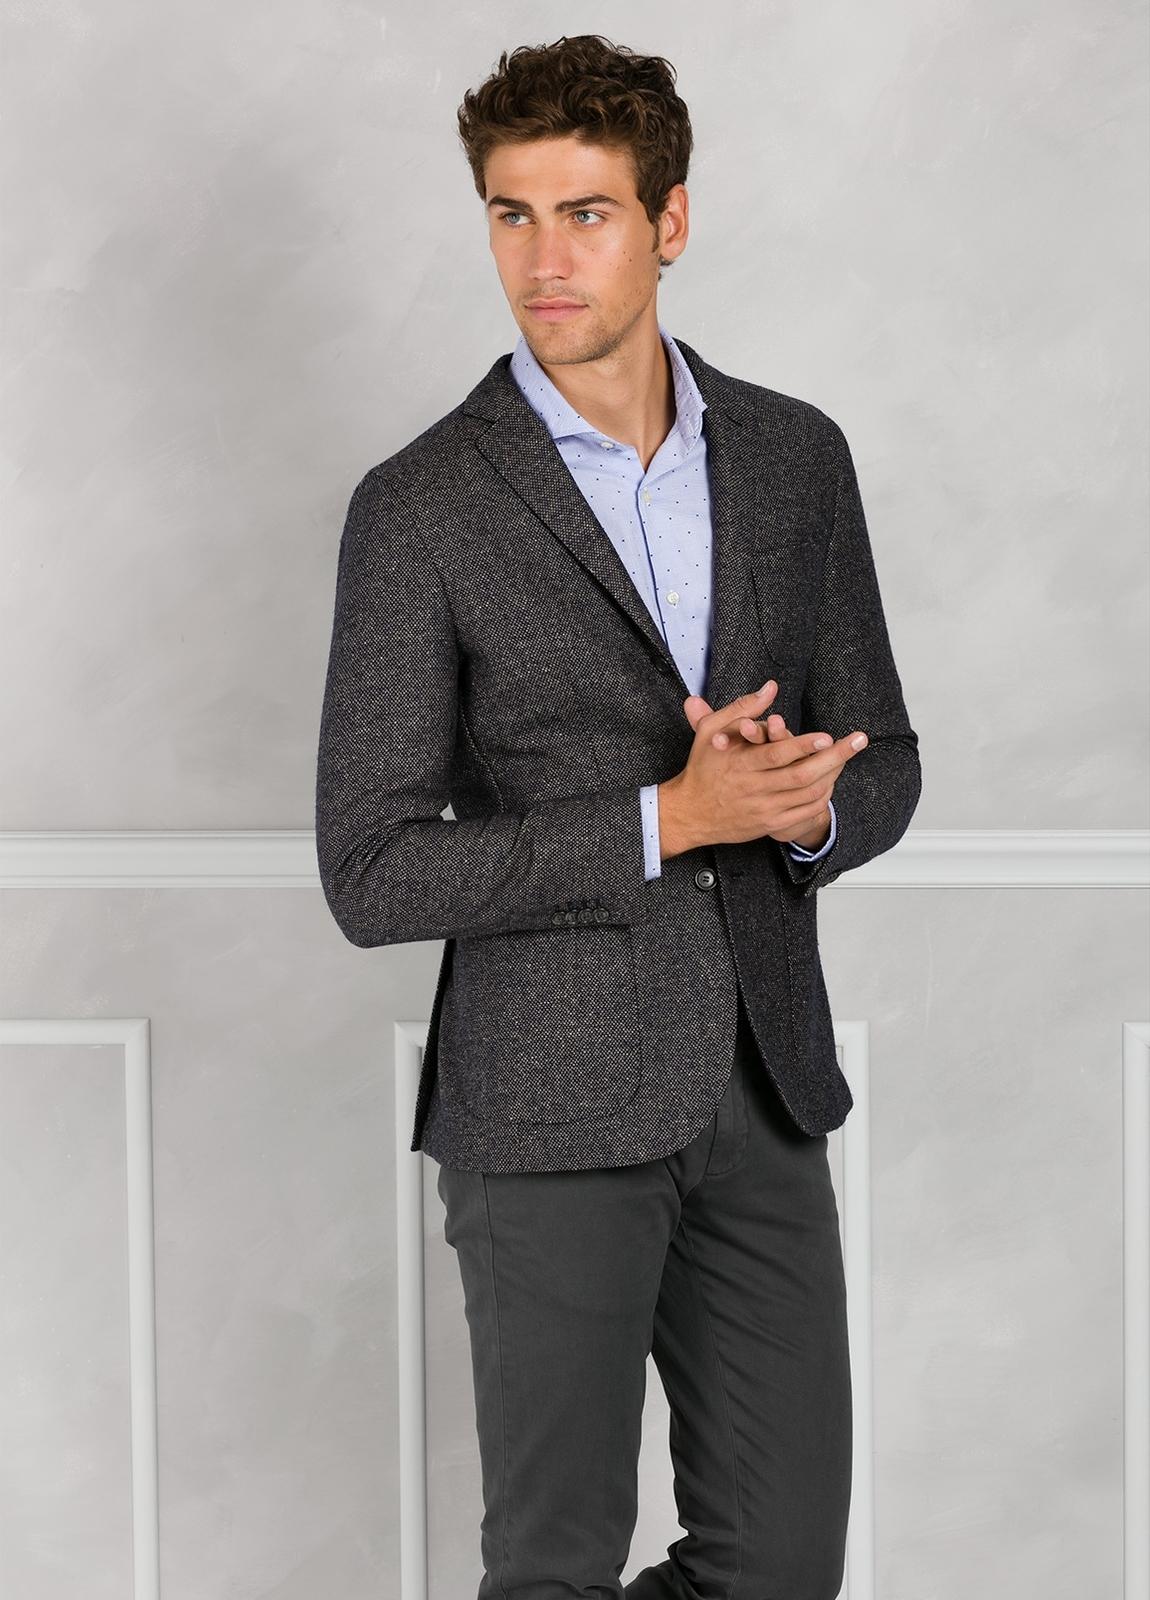 Americana textura ligeramente slim fit color gris. 75% Lana 22% Seda 3% Cashmere.